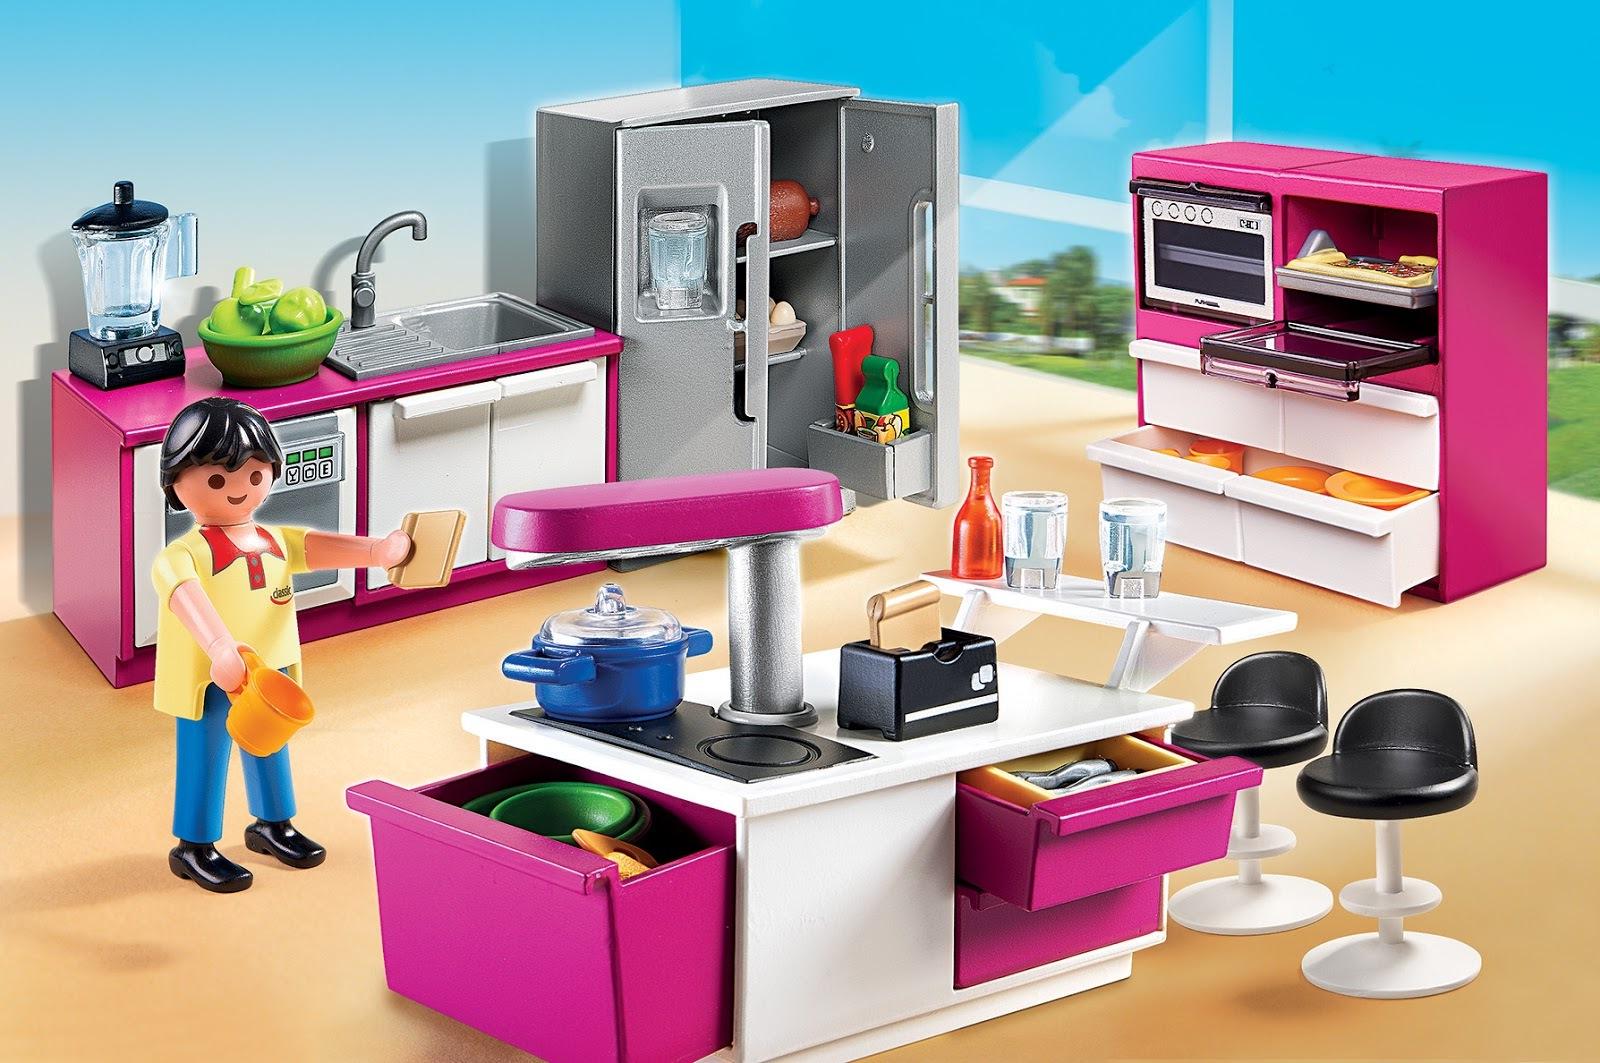 Maison moderne playmobil- la cuisine est la place la plus intéressante.